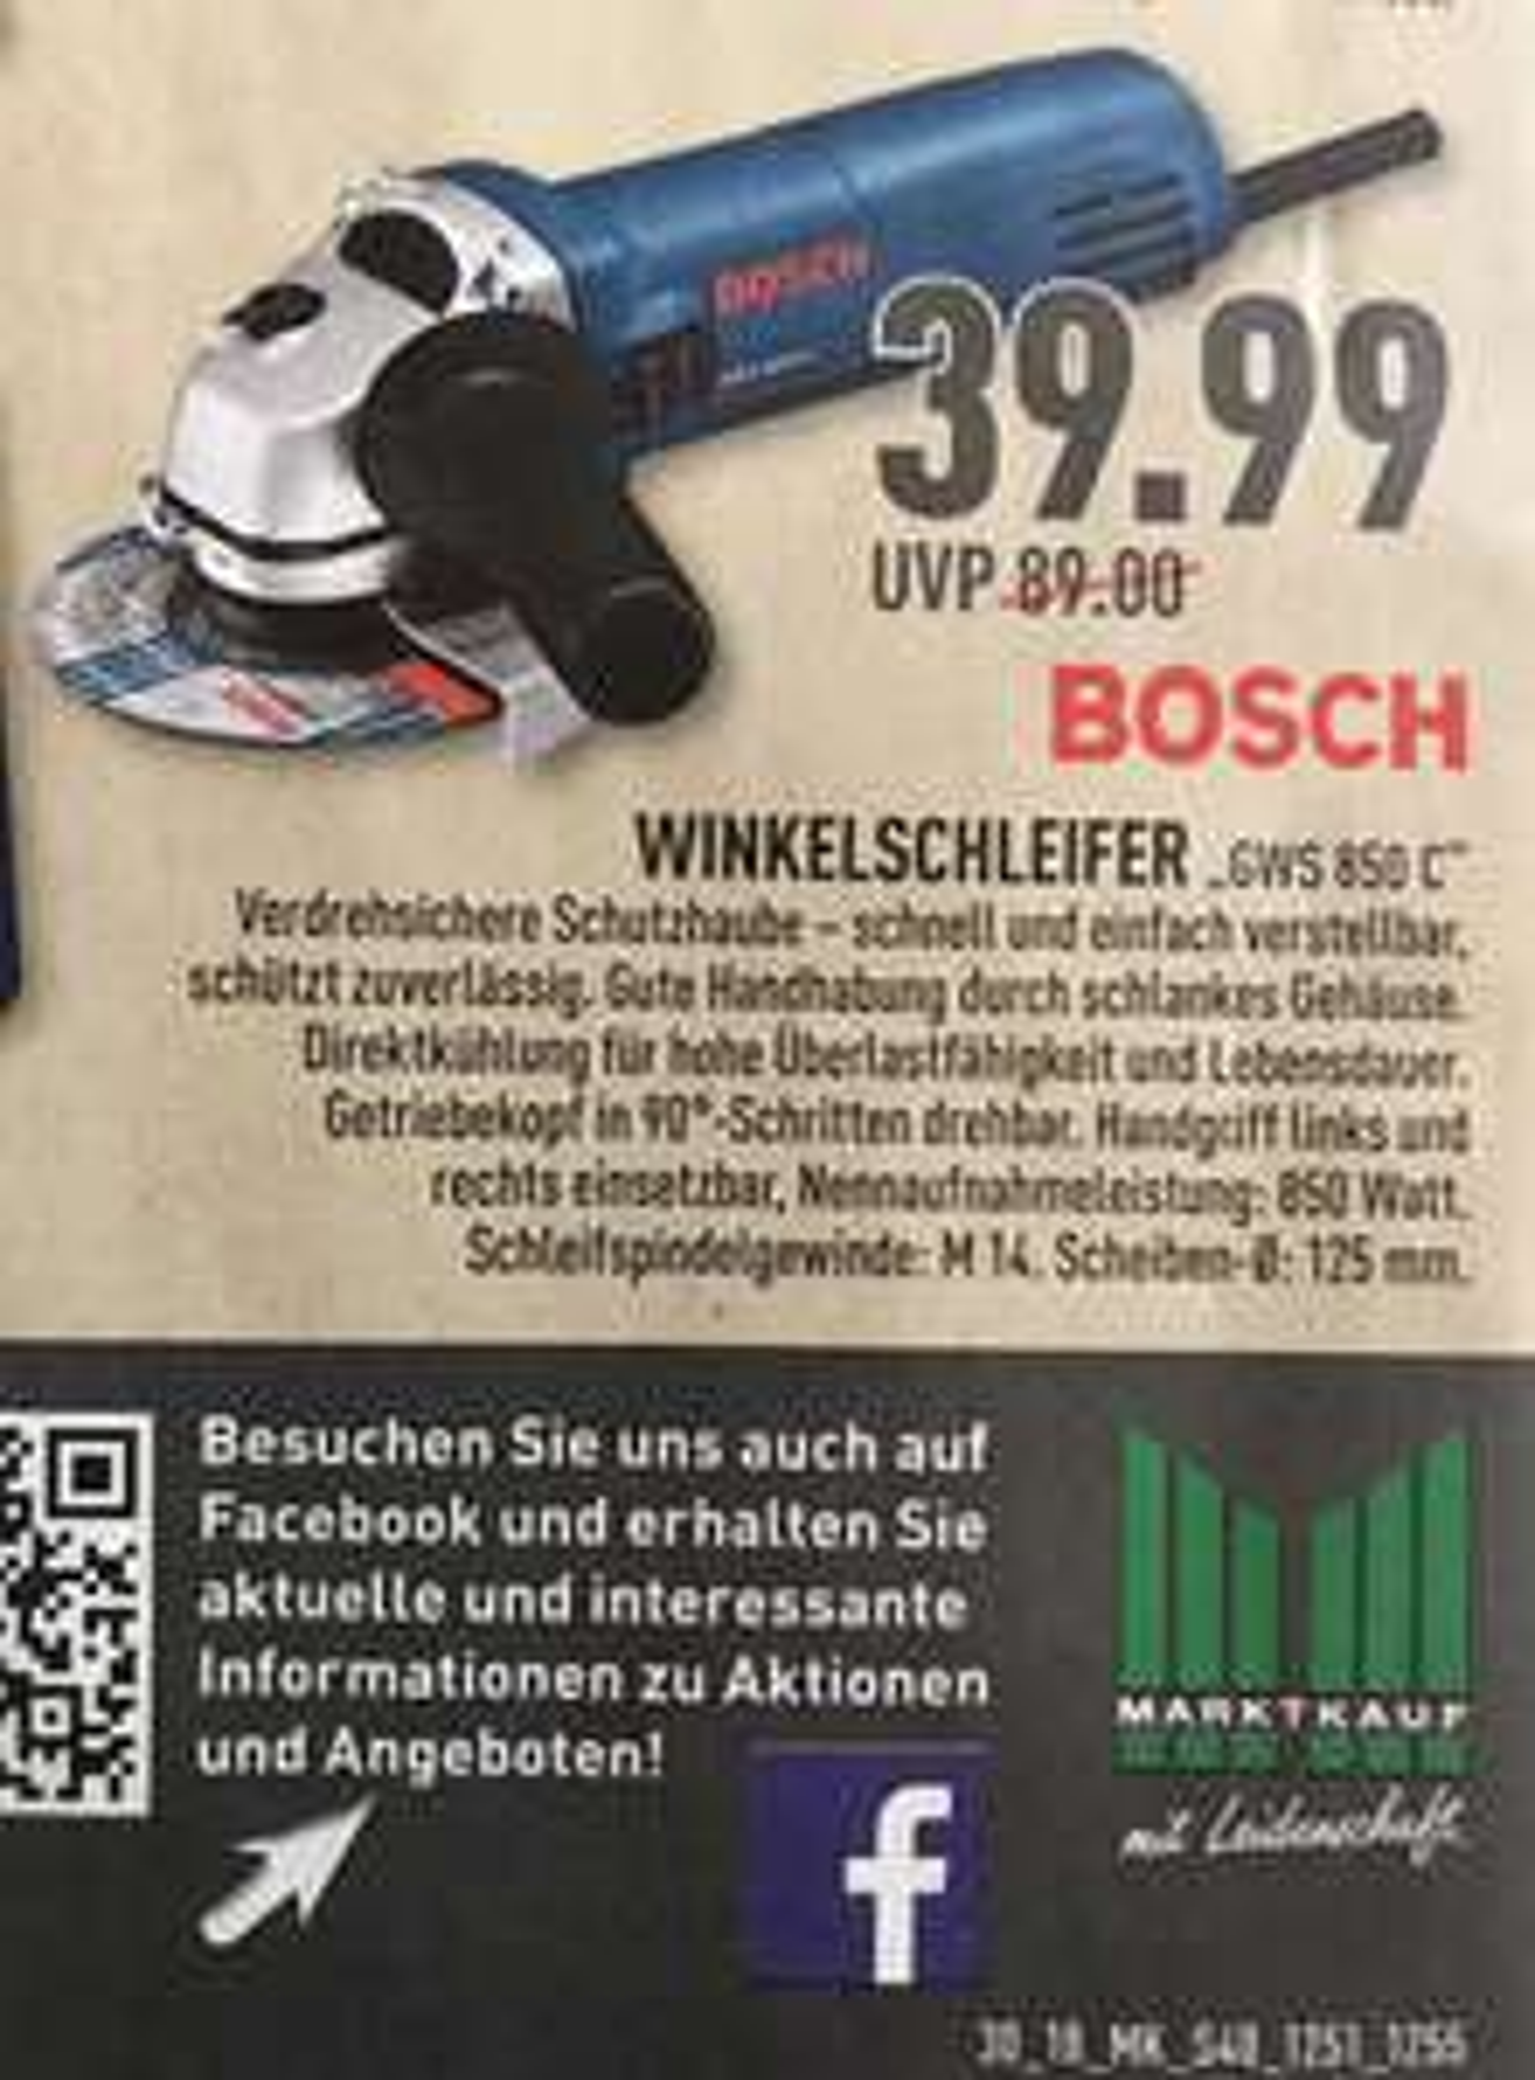 Bosch Winkelschleifer GWS 850 C im Marktkauf für 39,99€ (lokal)